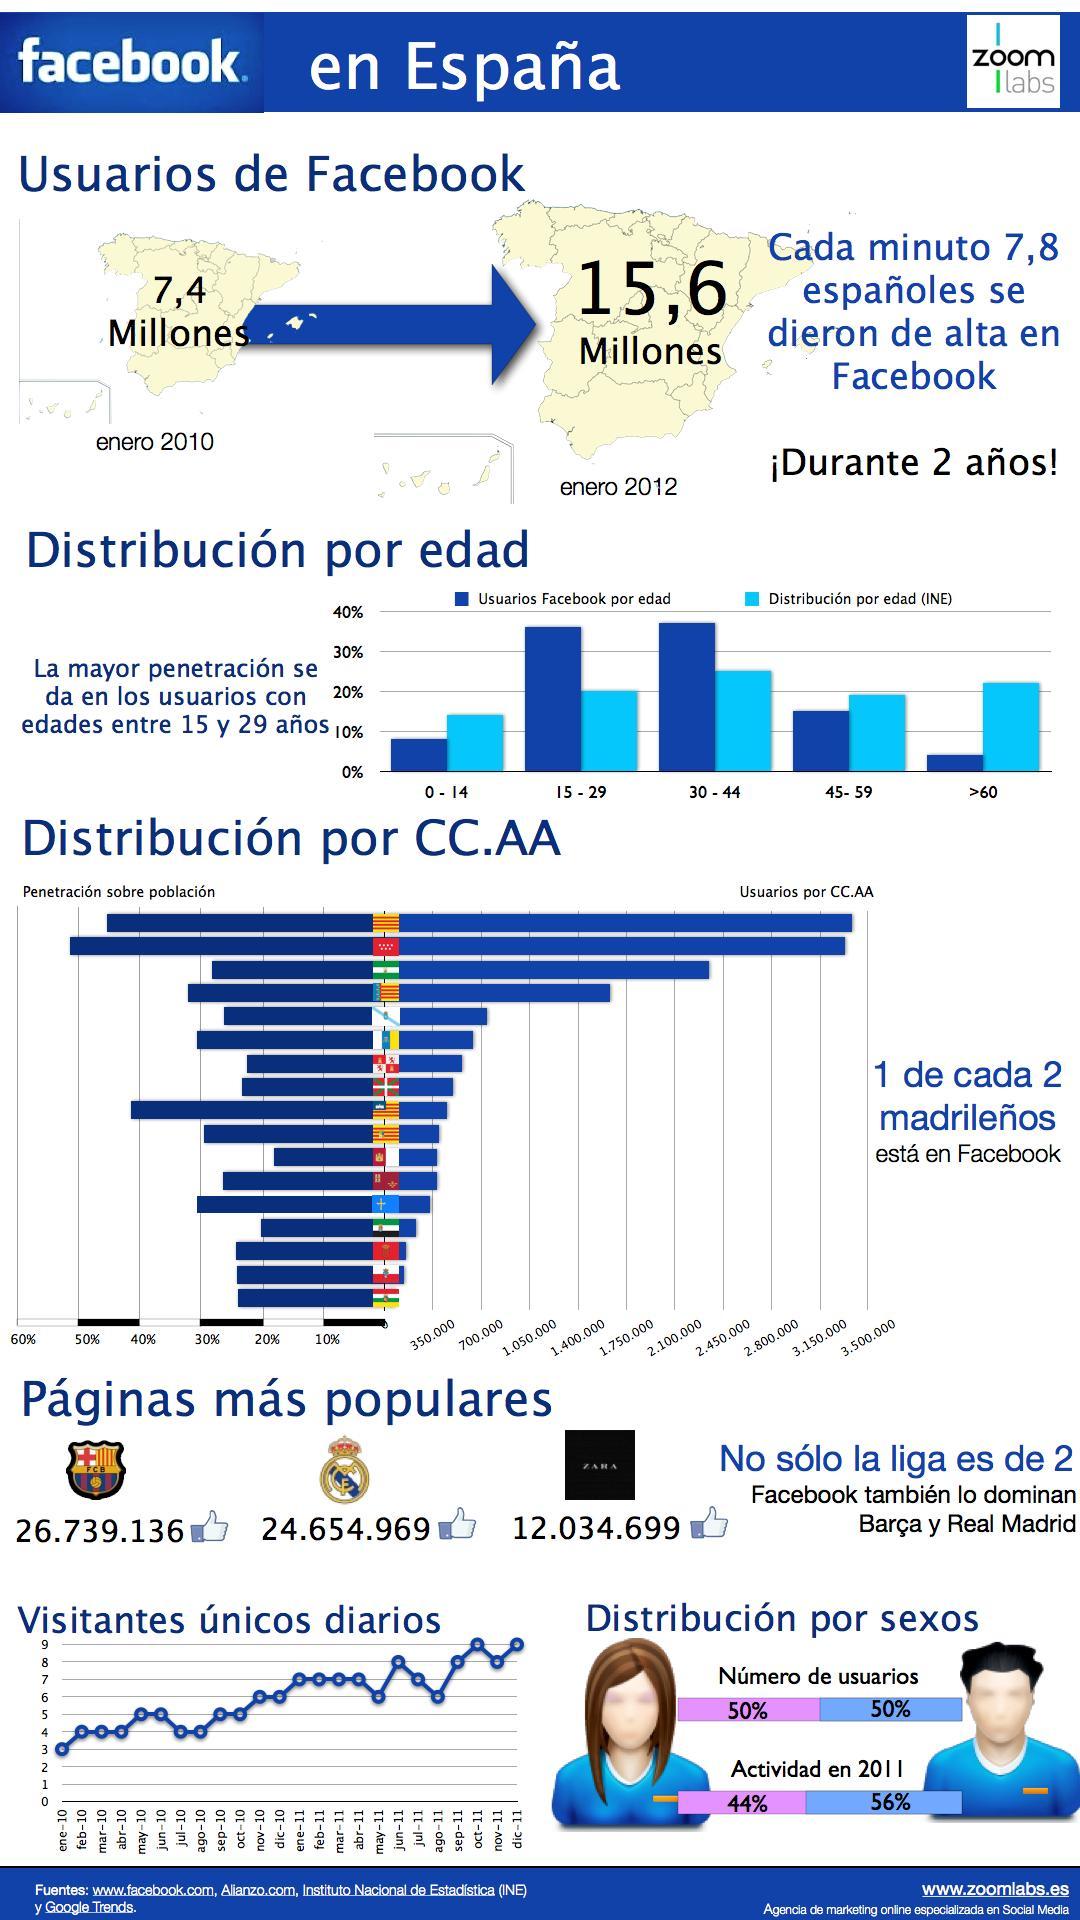 Facebook en espa a infografia infographic socialmedia - Trabajar en facebook espana ...